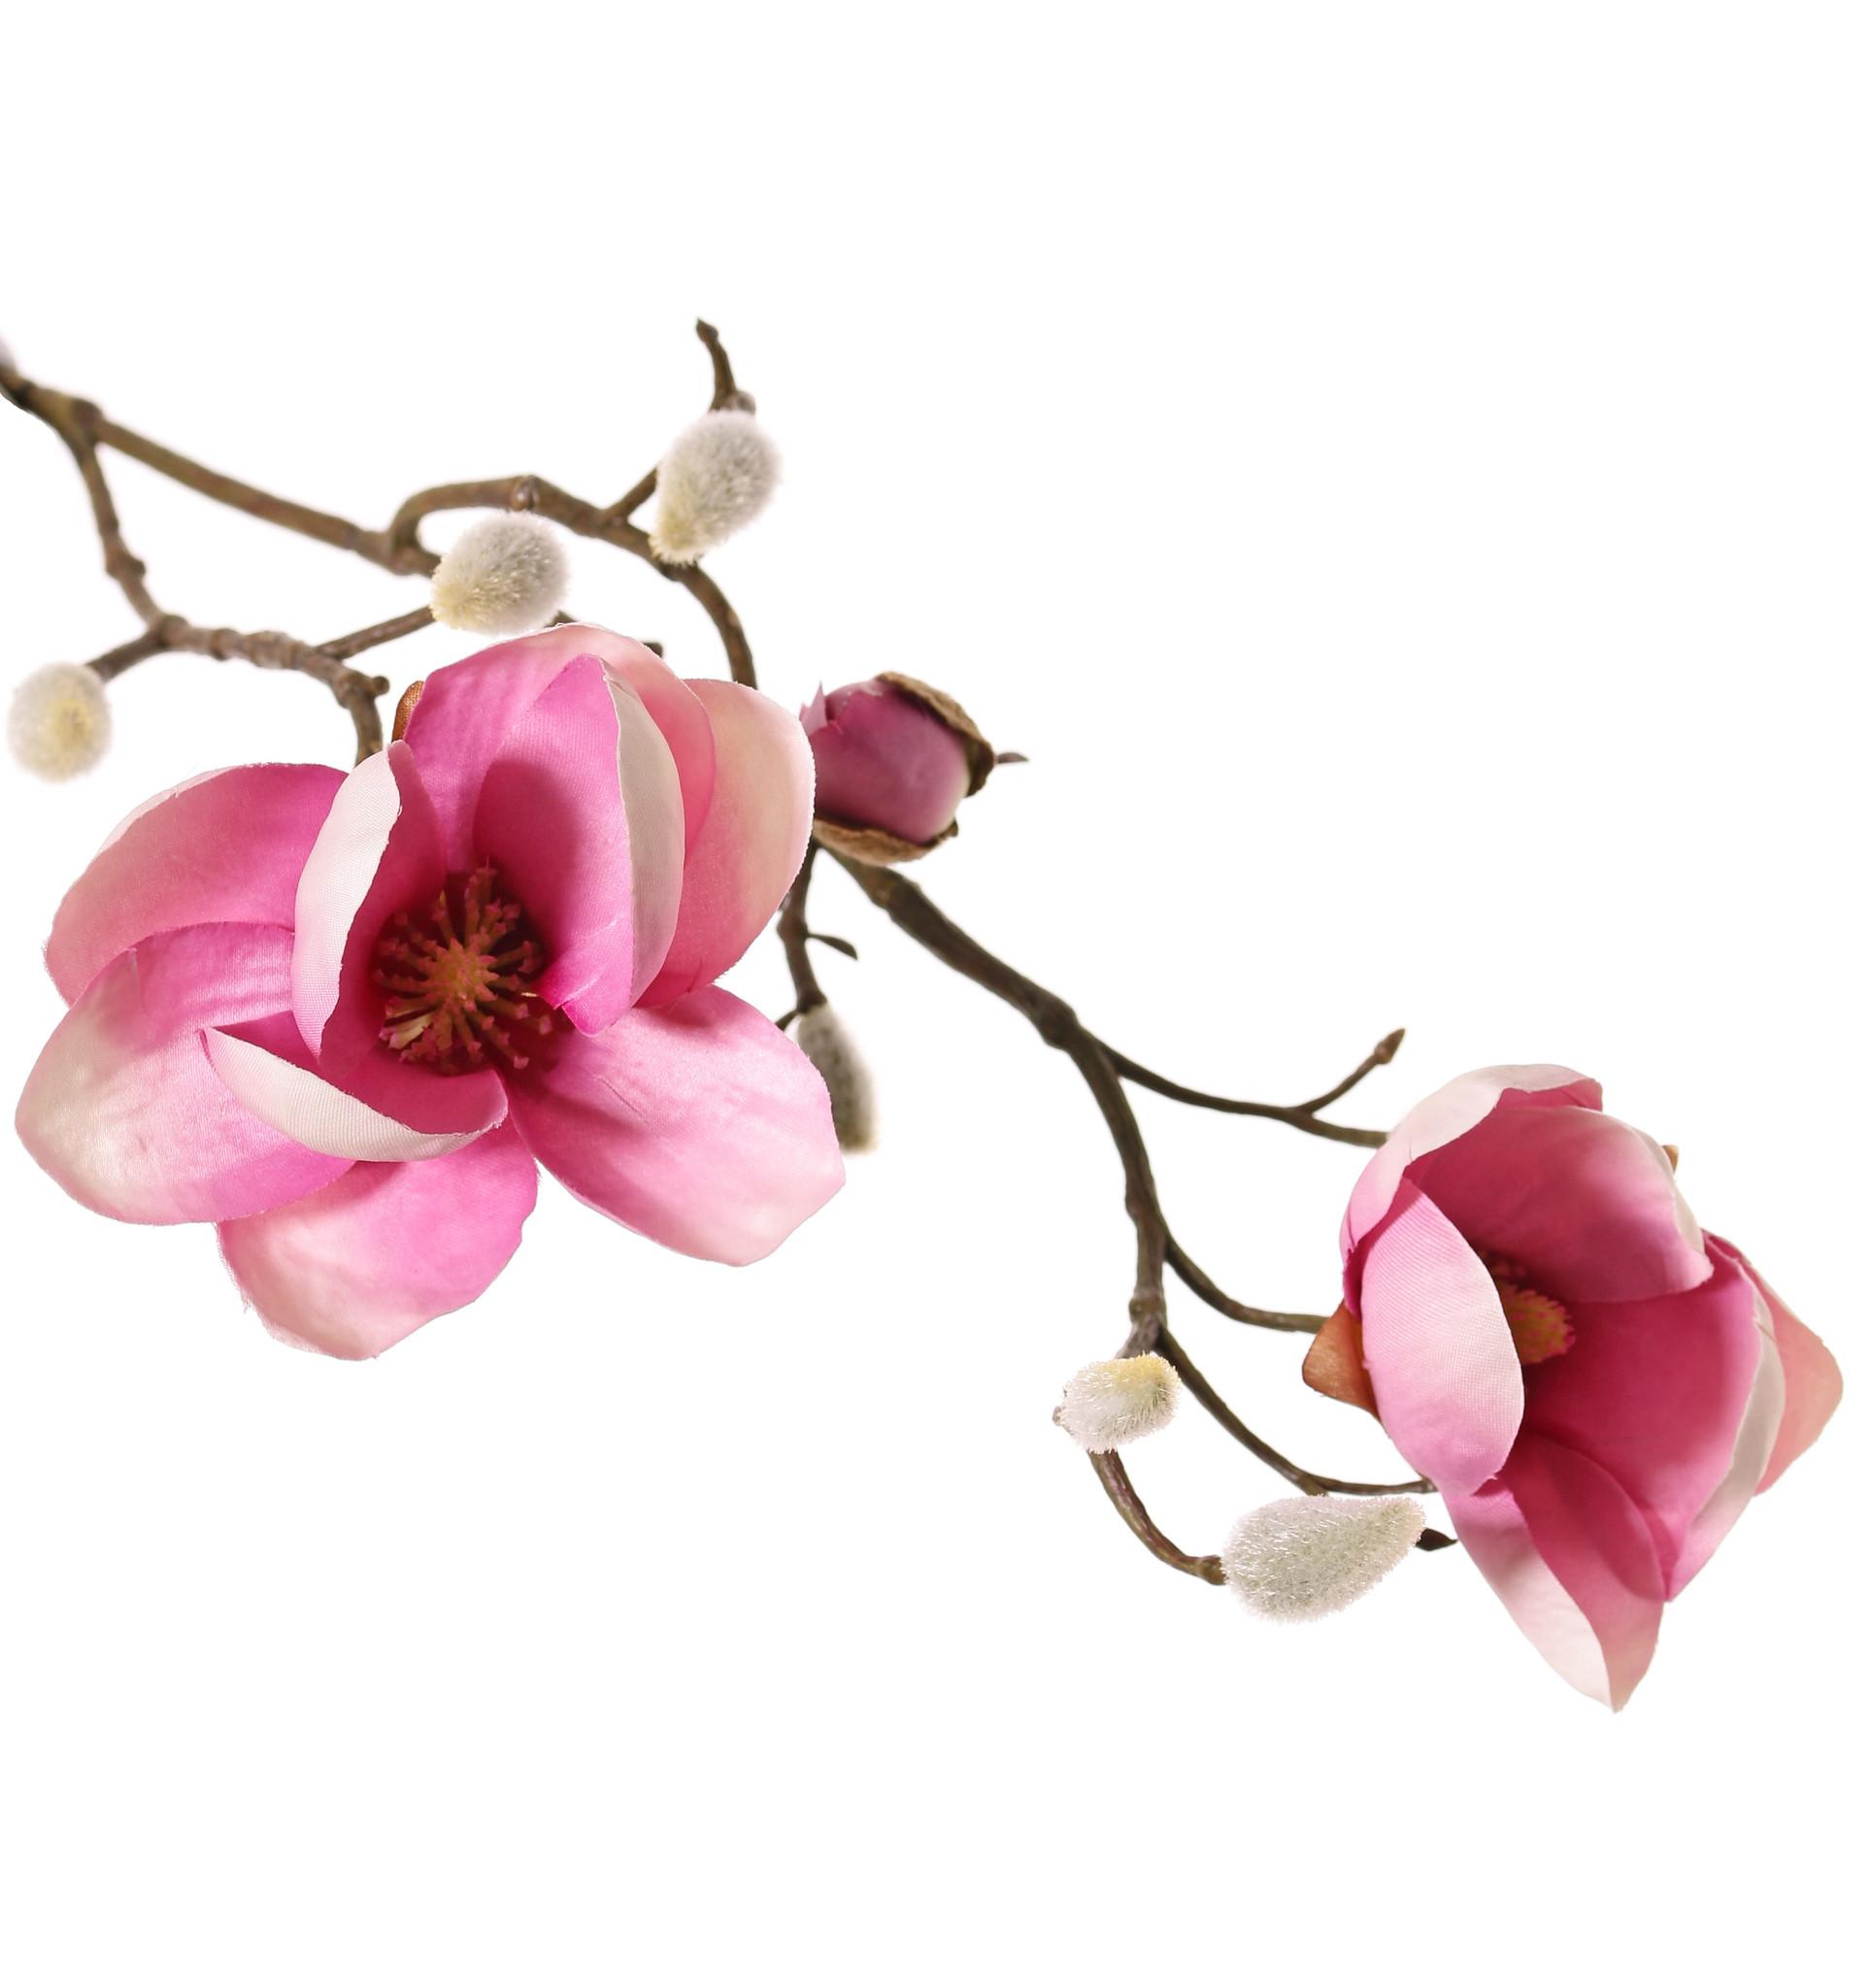 Magnolien-Zweig mit 3 Verzweigungen, 2 Blumen, (Ø 8 & 5 cm), 8 Knospen, 53 cm